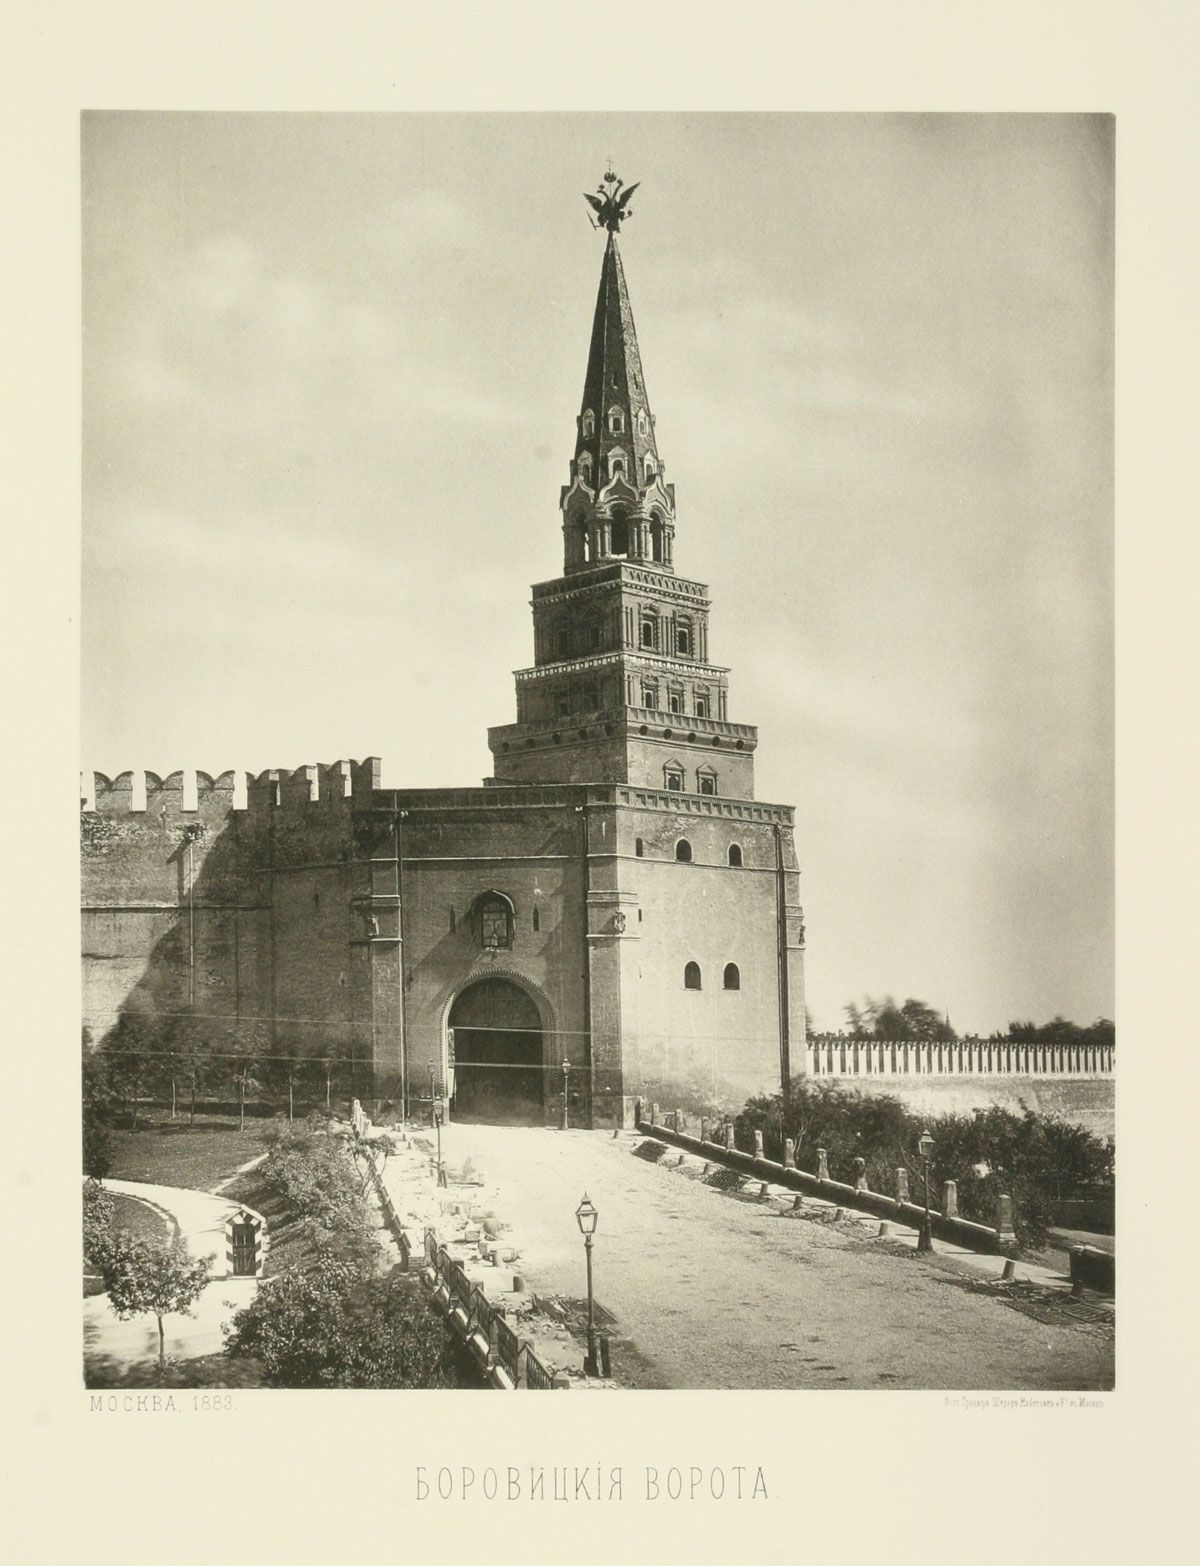 Москва, 1883-1884, 47 фотографий | Старые фотографии ...